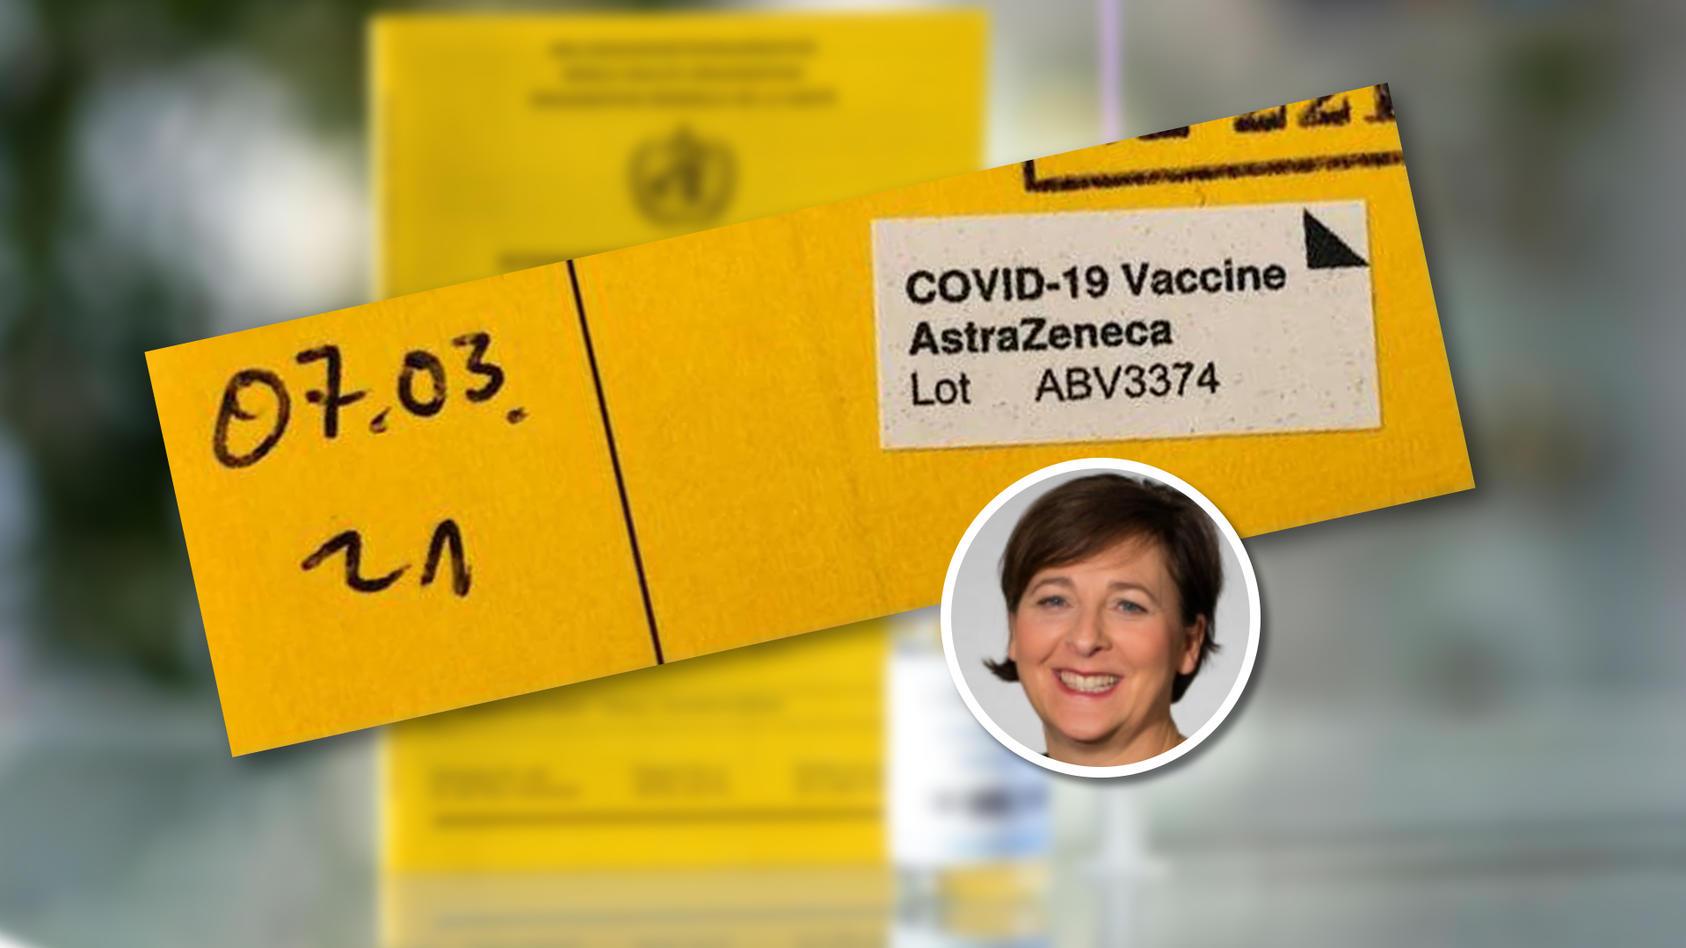 RTL-Redakteurin Kathrin Gräbener wurde mit dem Corona-Impfstoff von AstraZeneca geimpft.